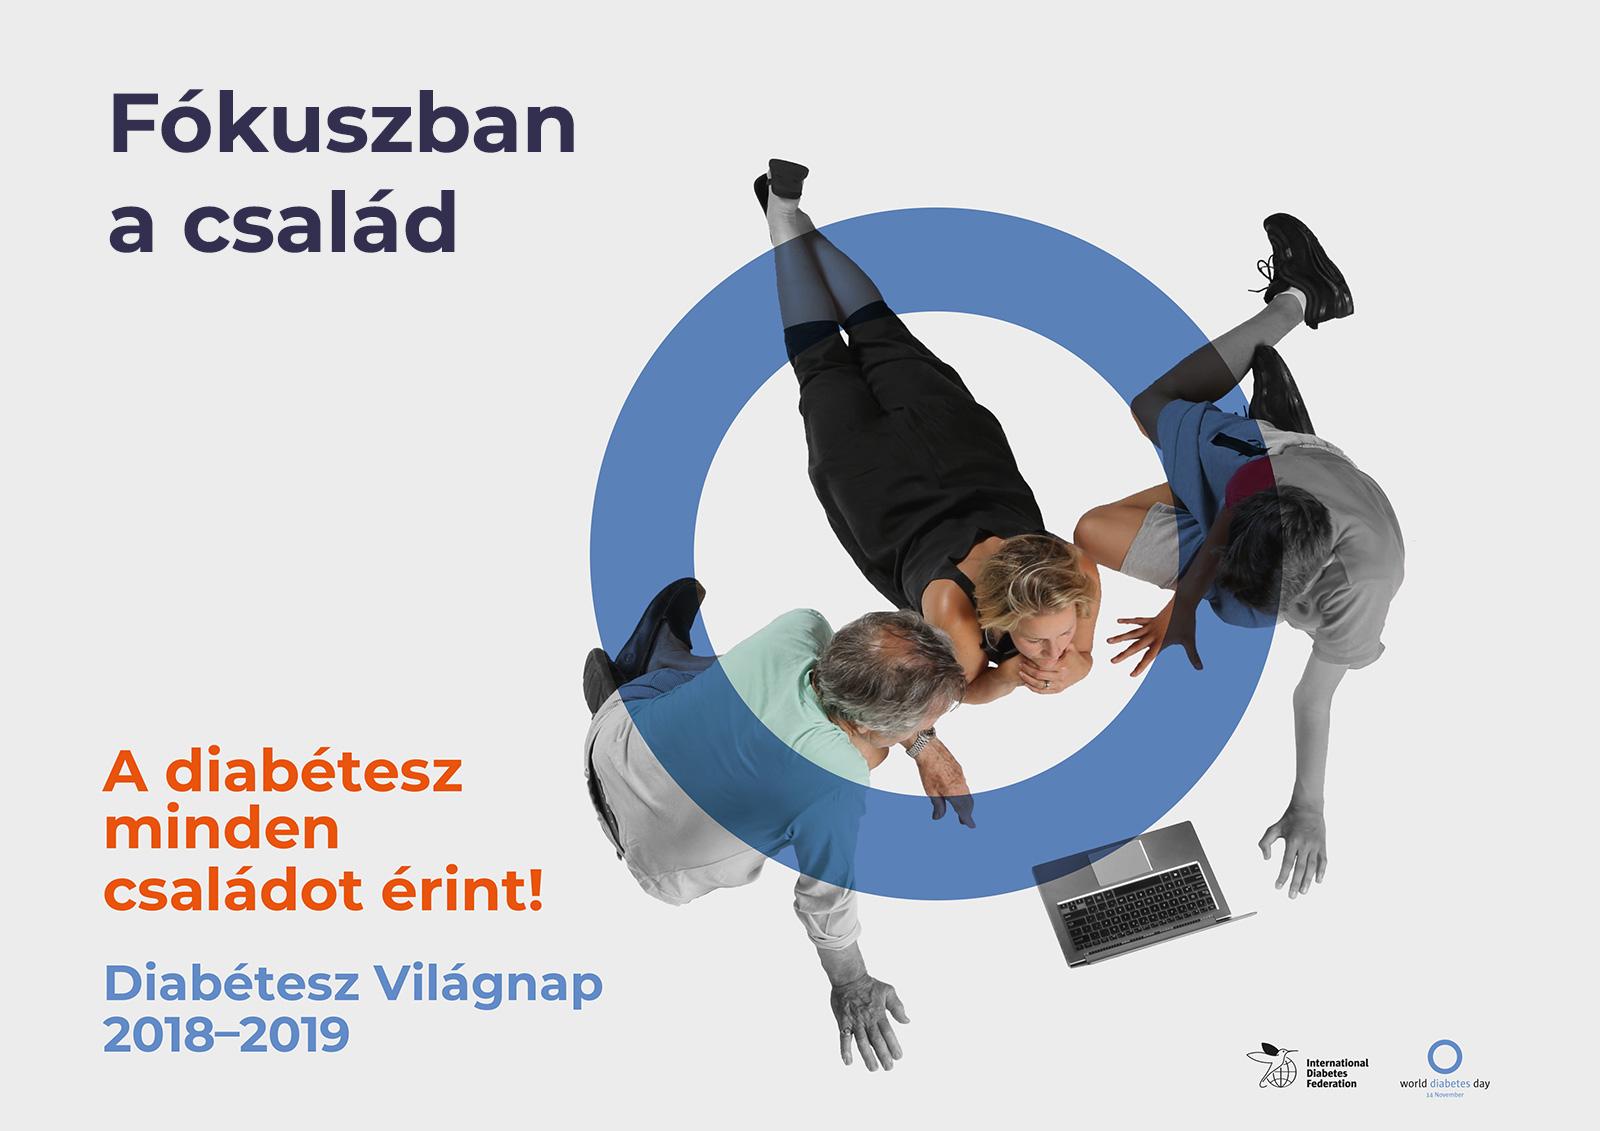 Diabétesz Világnap 2018 - Fókuszban a család